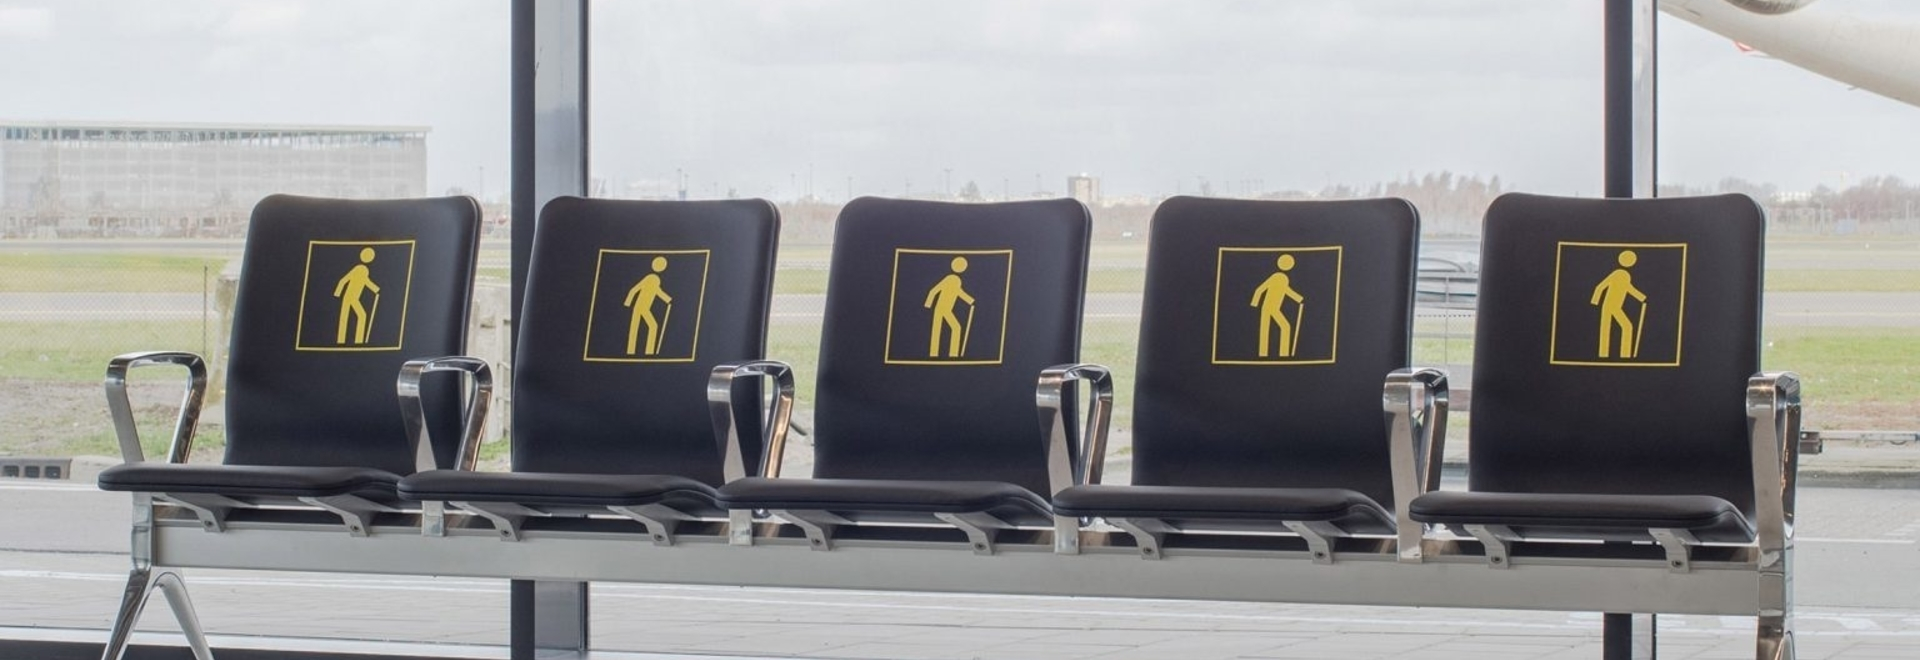 """Richard Hutten fonde le vecchie sedie dell'aeroporto per un nuovo sistema di sedute """"radicale"""""""